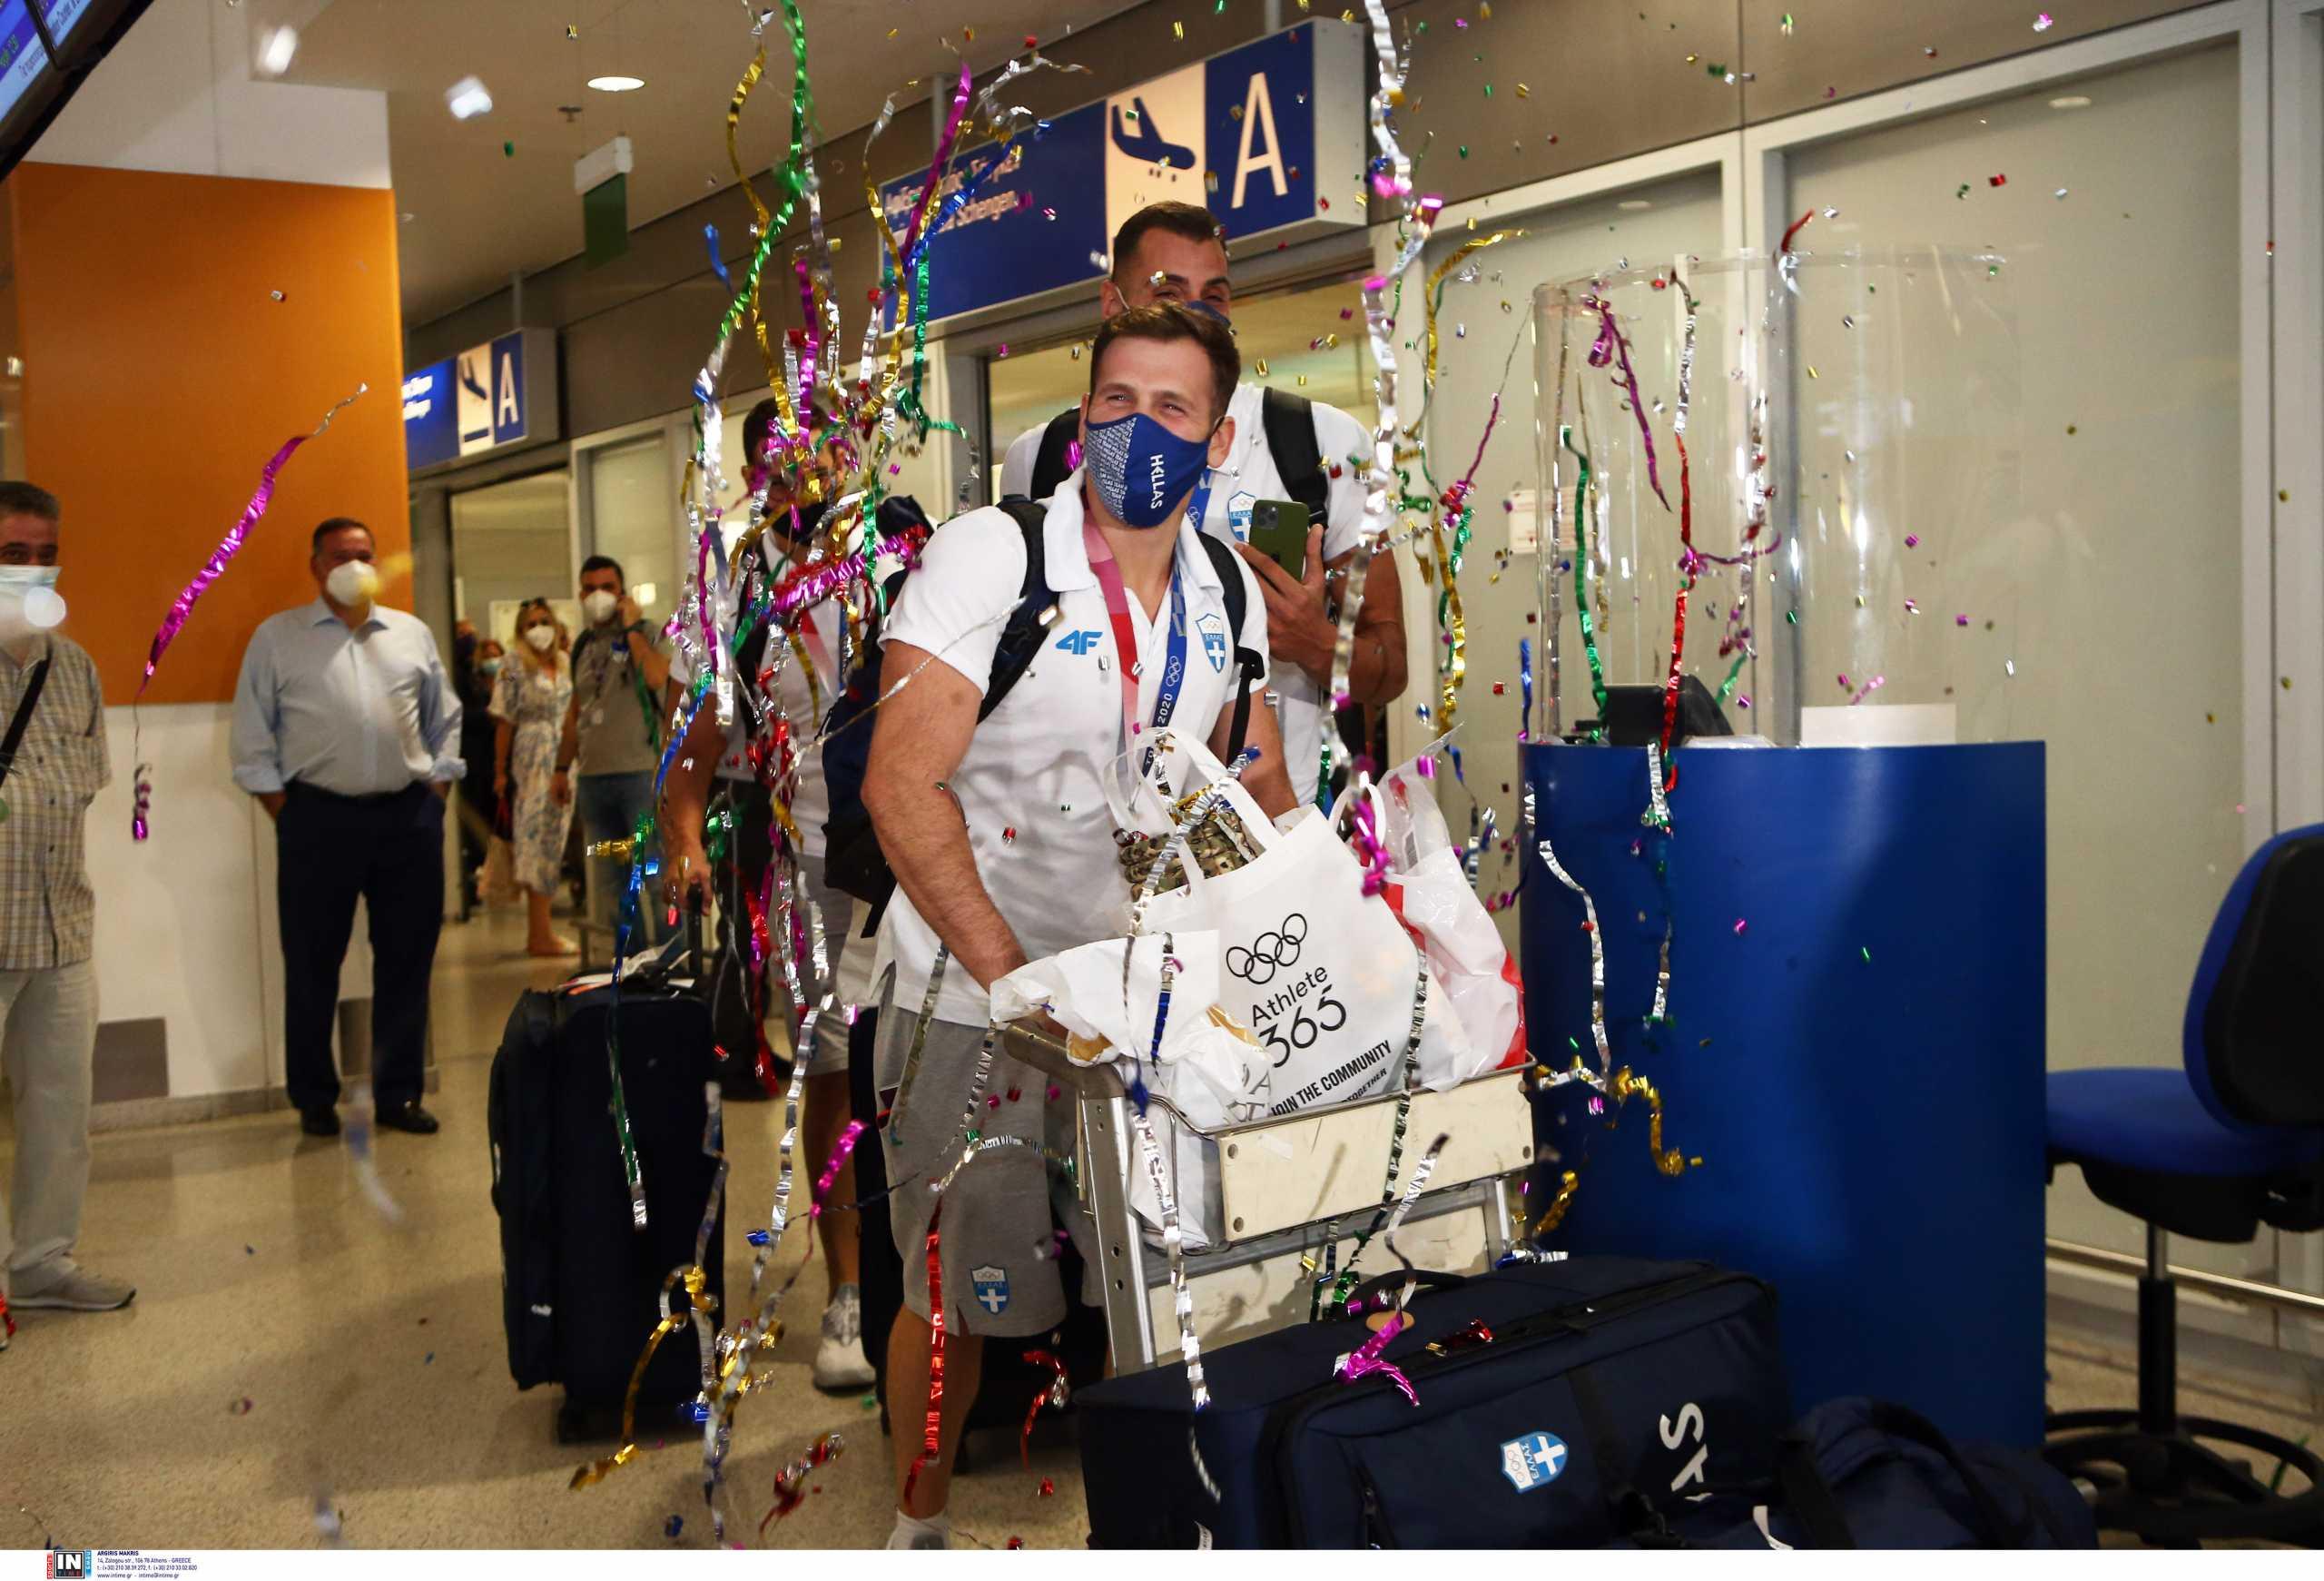 Εθνική πόλο: Επέστρεψαν και «αποθεώθηκαν» οι «ασημένιοι» Ολυμπιονίκες του Τόκιο – Συγκίνηση για Θοδωρή Βλάχο